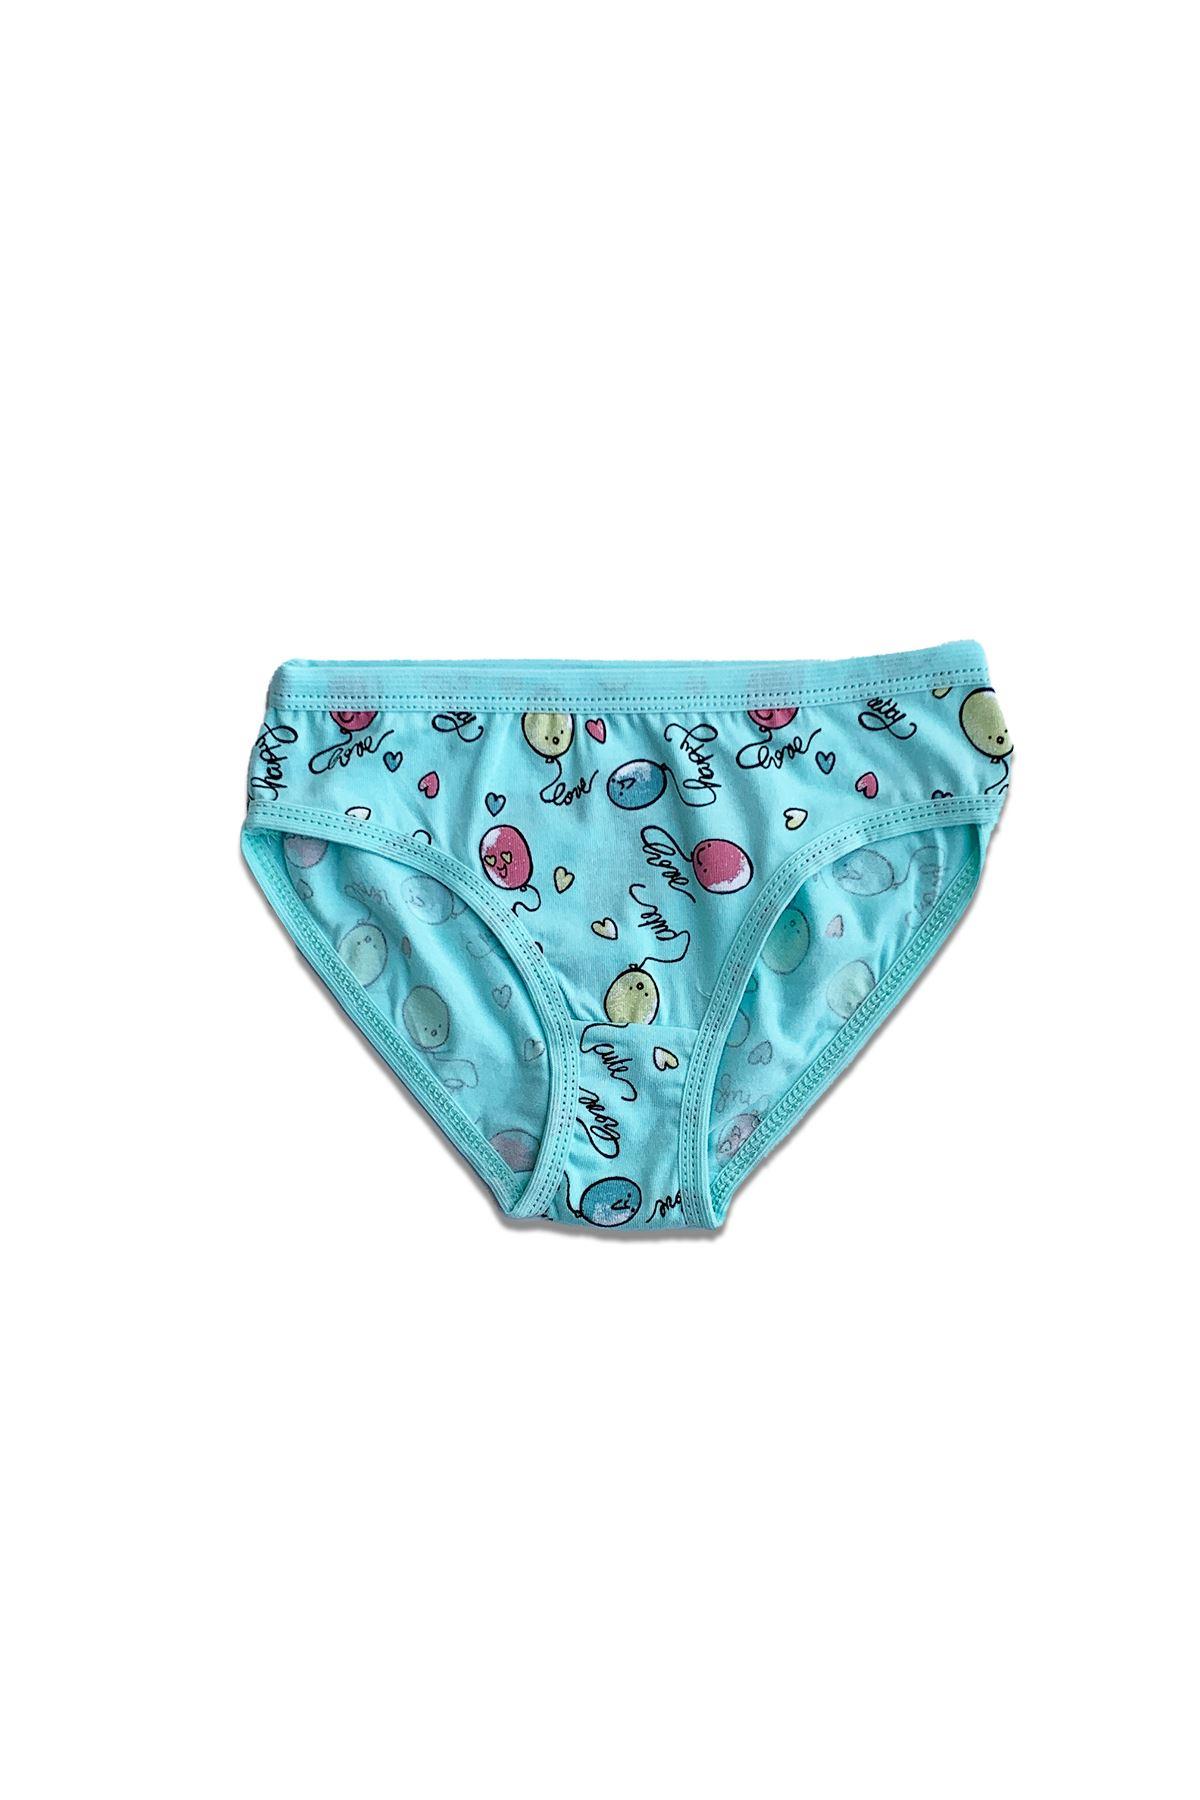 Kız Çocuk Renkli 6 Lı Paket Iç Giyim Takımı Geniş Askılı Atlet Külot 332331-e3